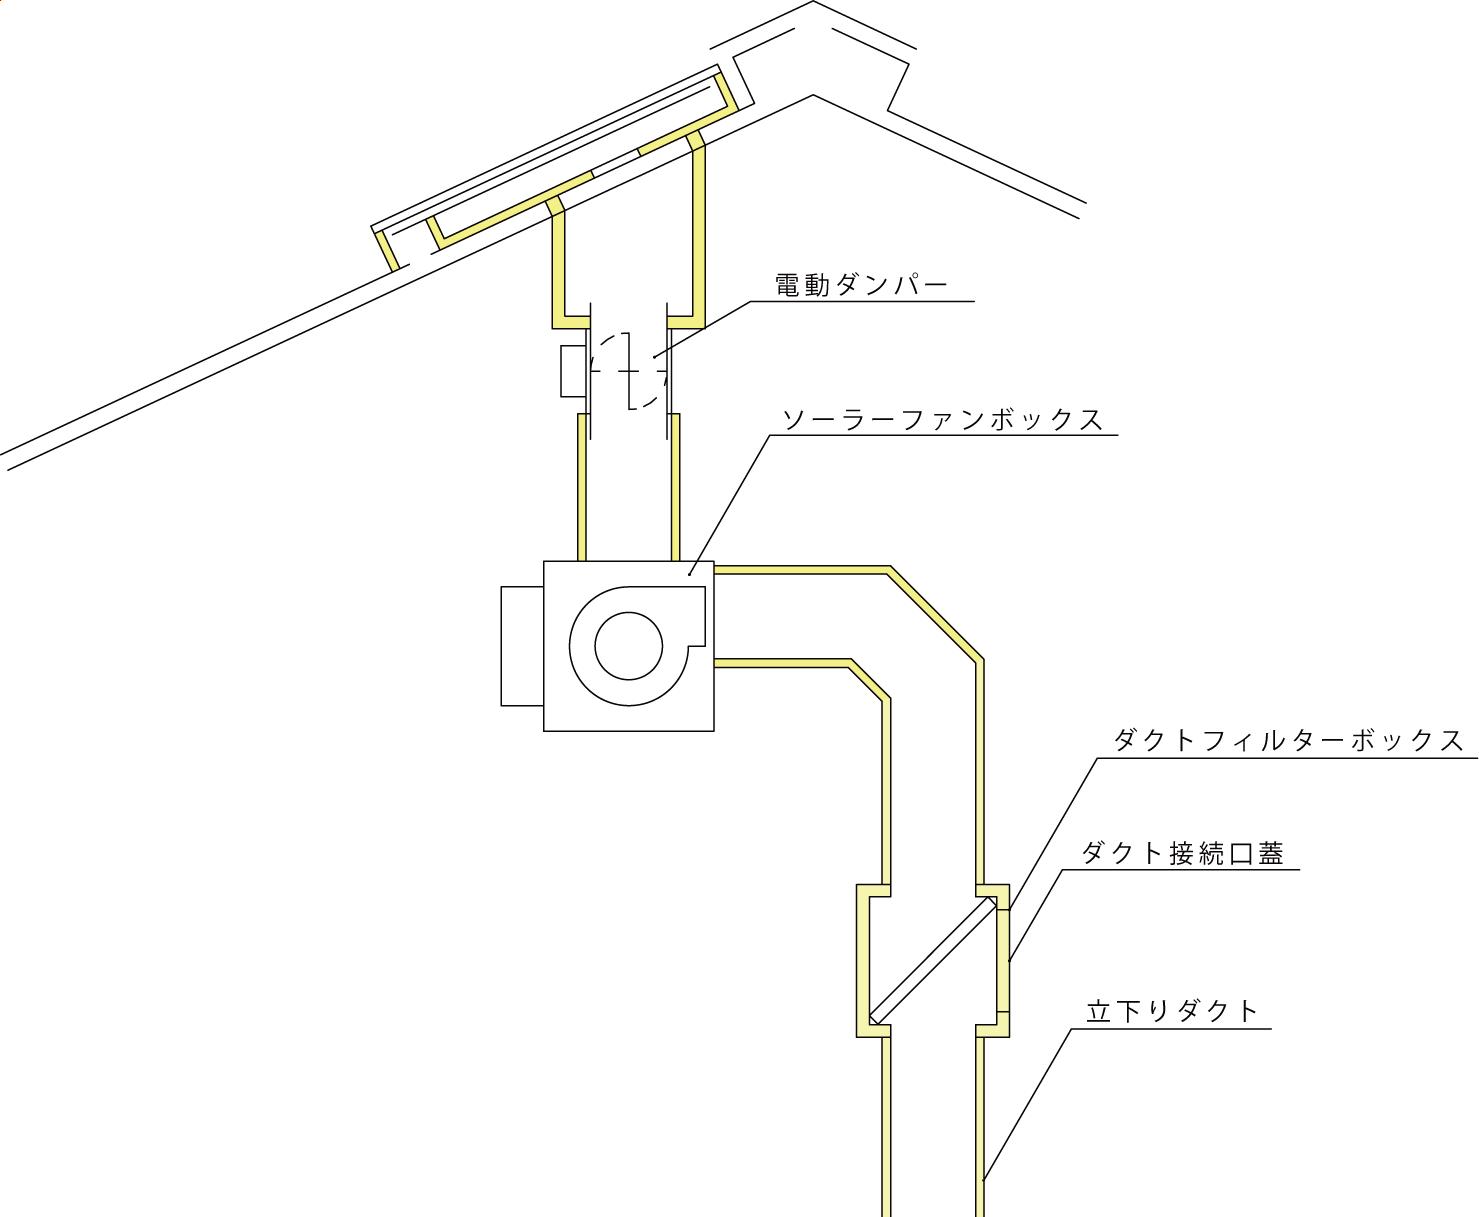 断熱フィルターボックスの設置例